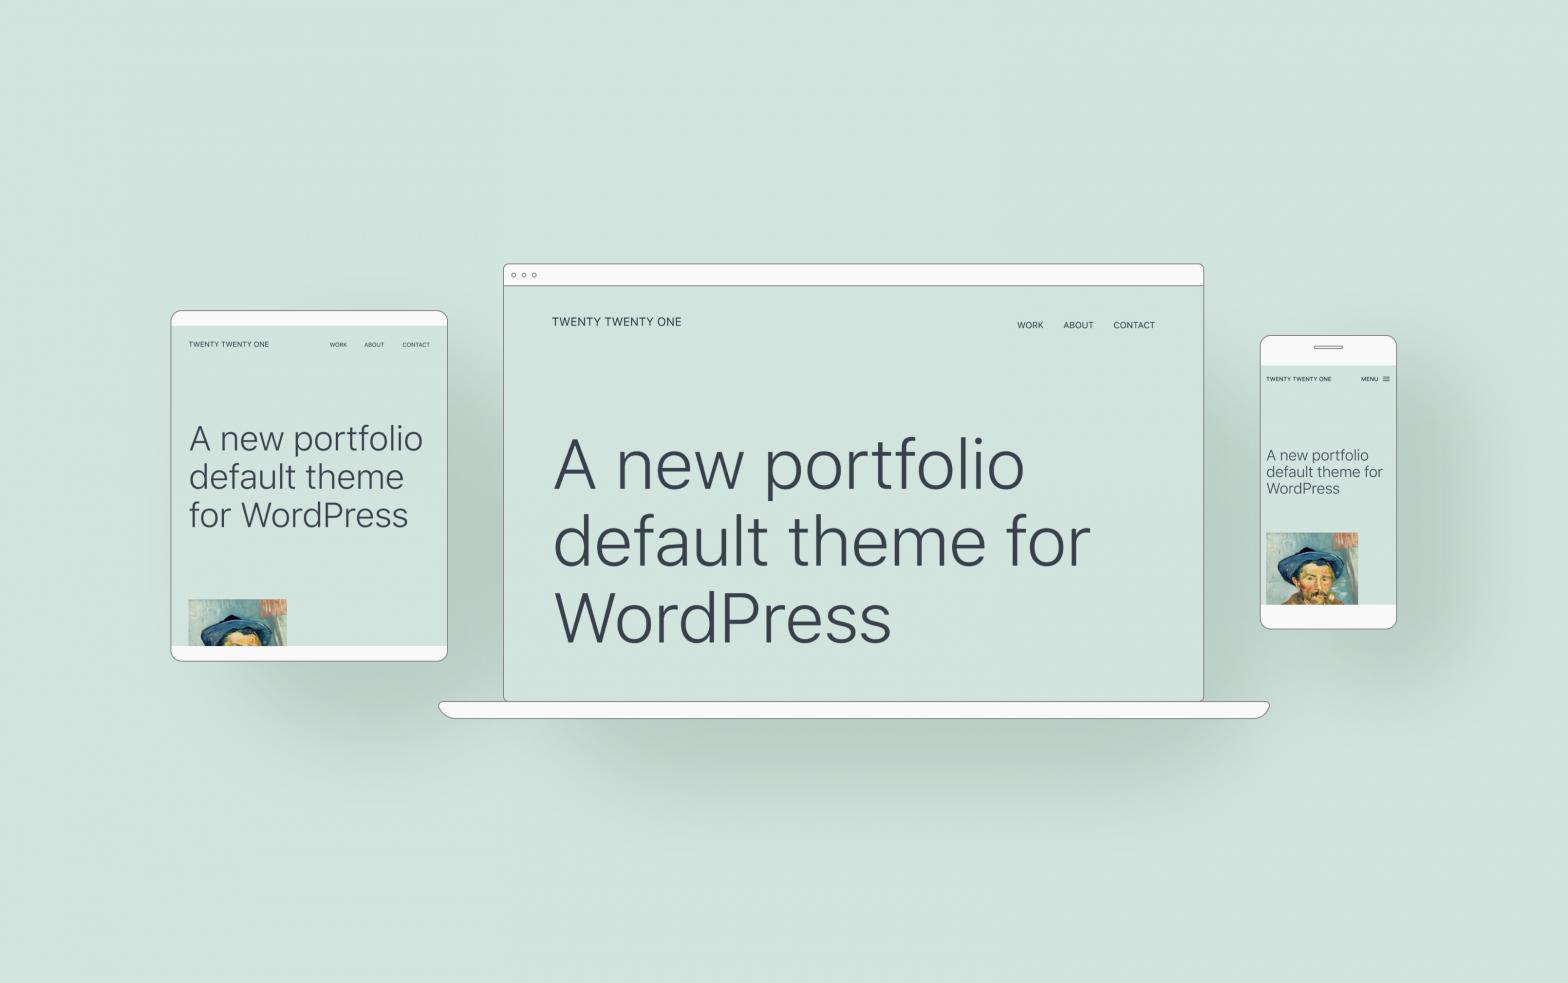 Device Mockups of the new WordPress default theme Twenty-Twenty-One